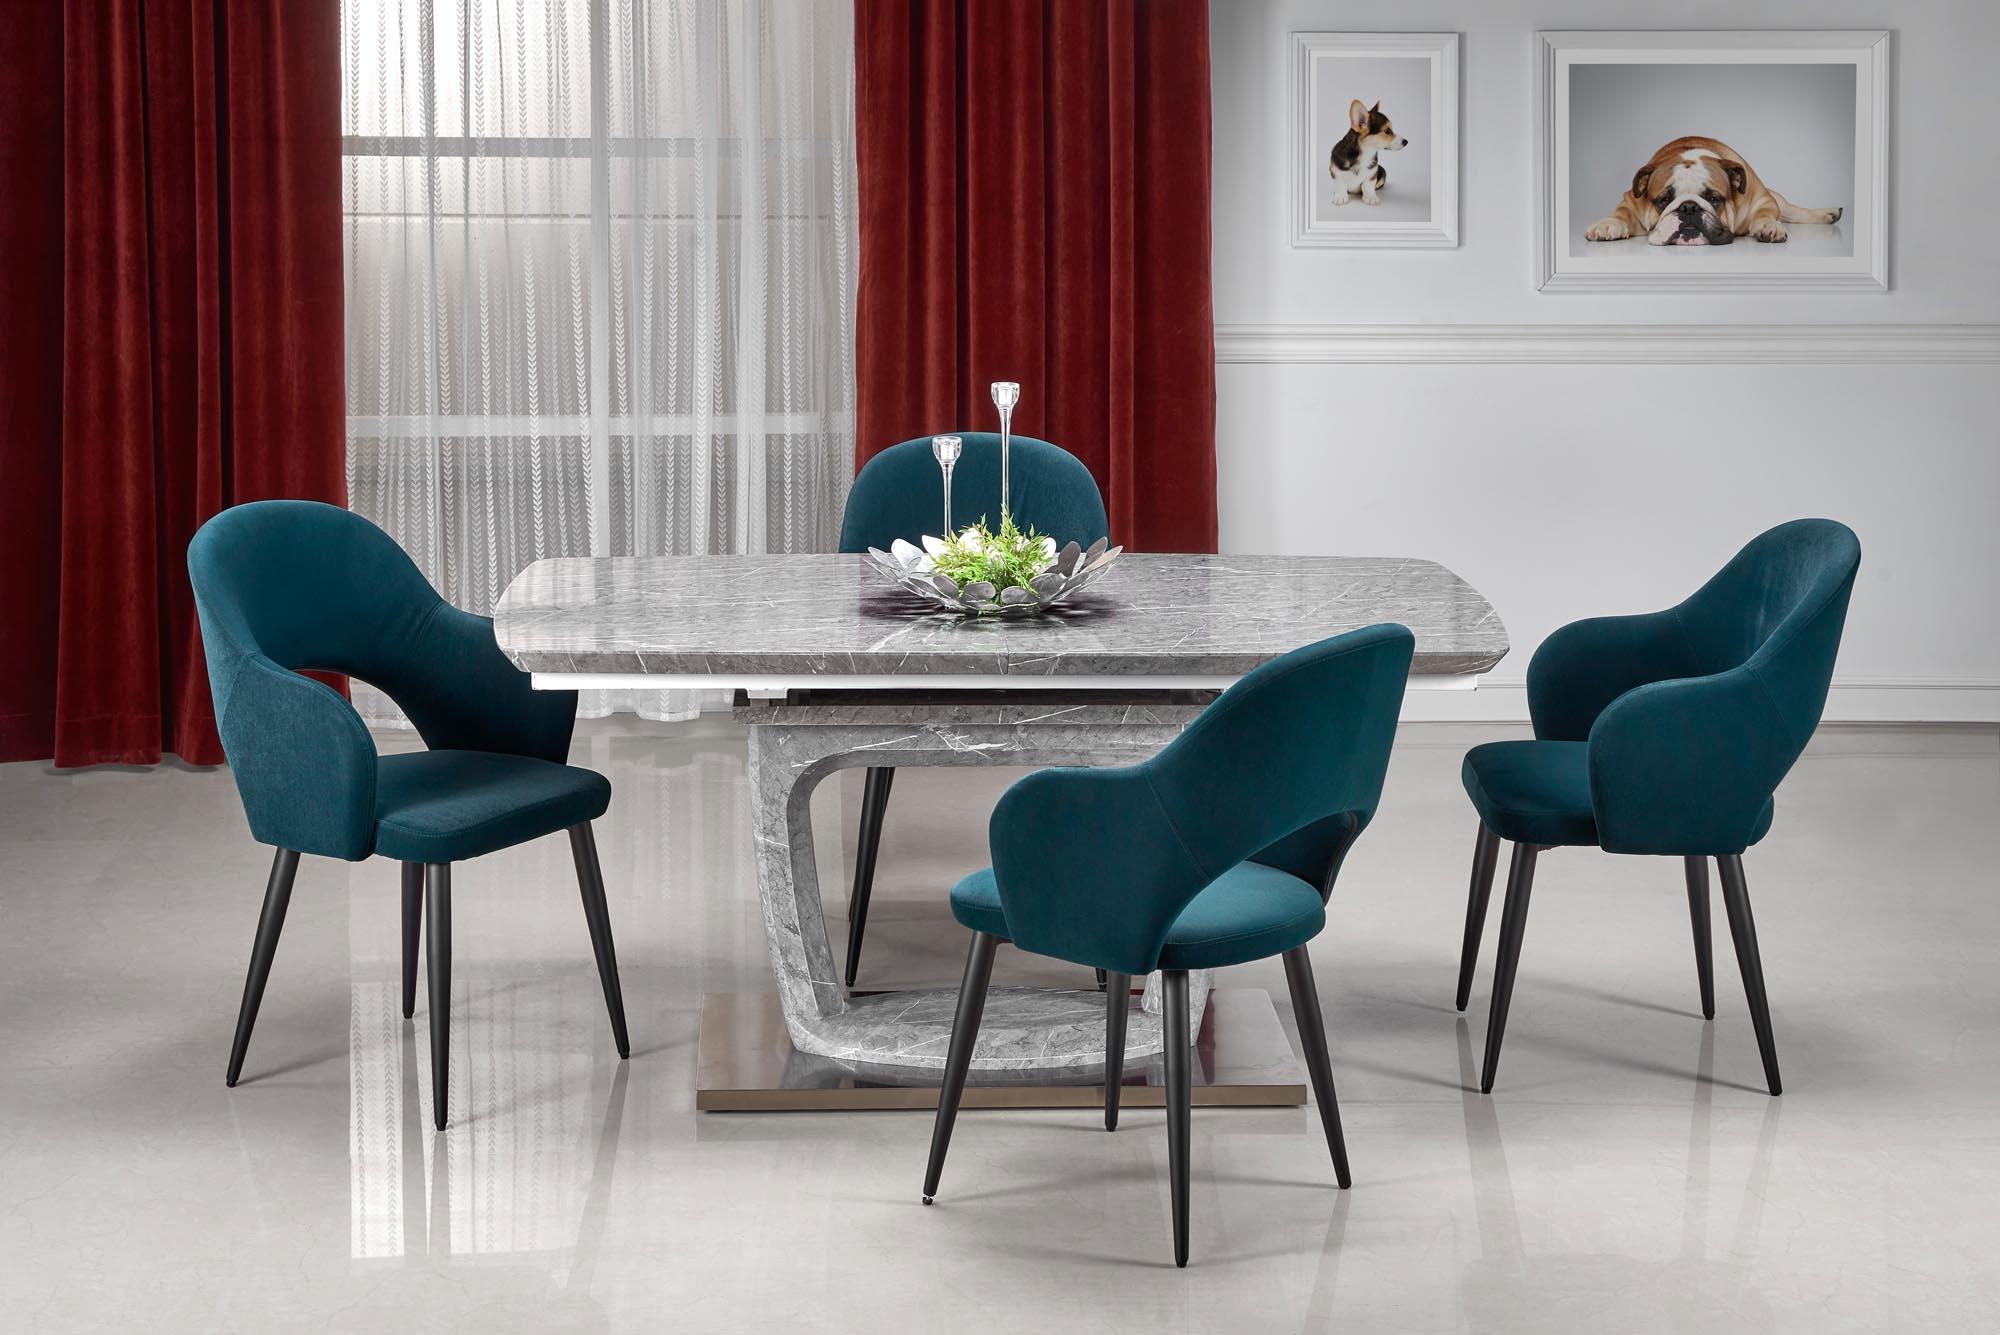 Set masa extensibila din MDF si metal Artemon Gri + 4 scaune tapitate cu stofa K364 Verde inchis / Negru, L160-220xl90xH76 cm imagine